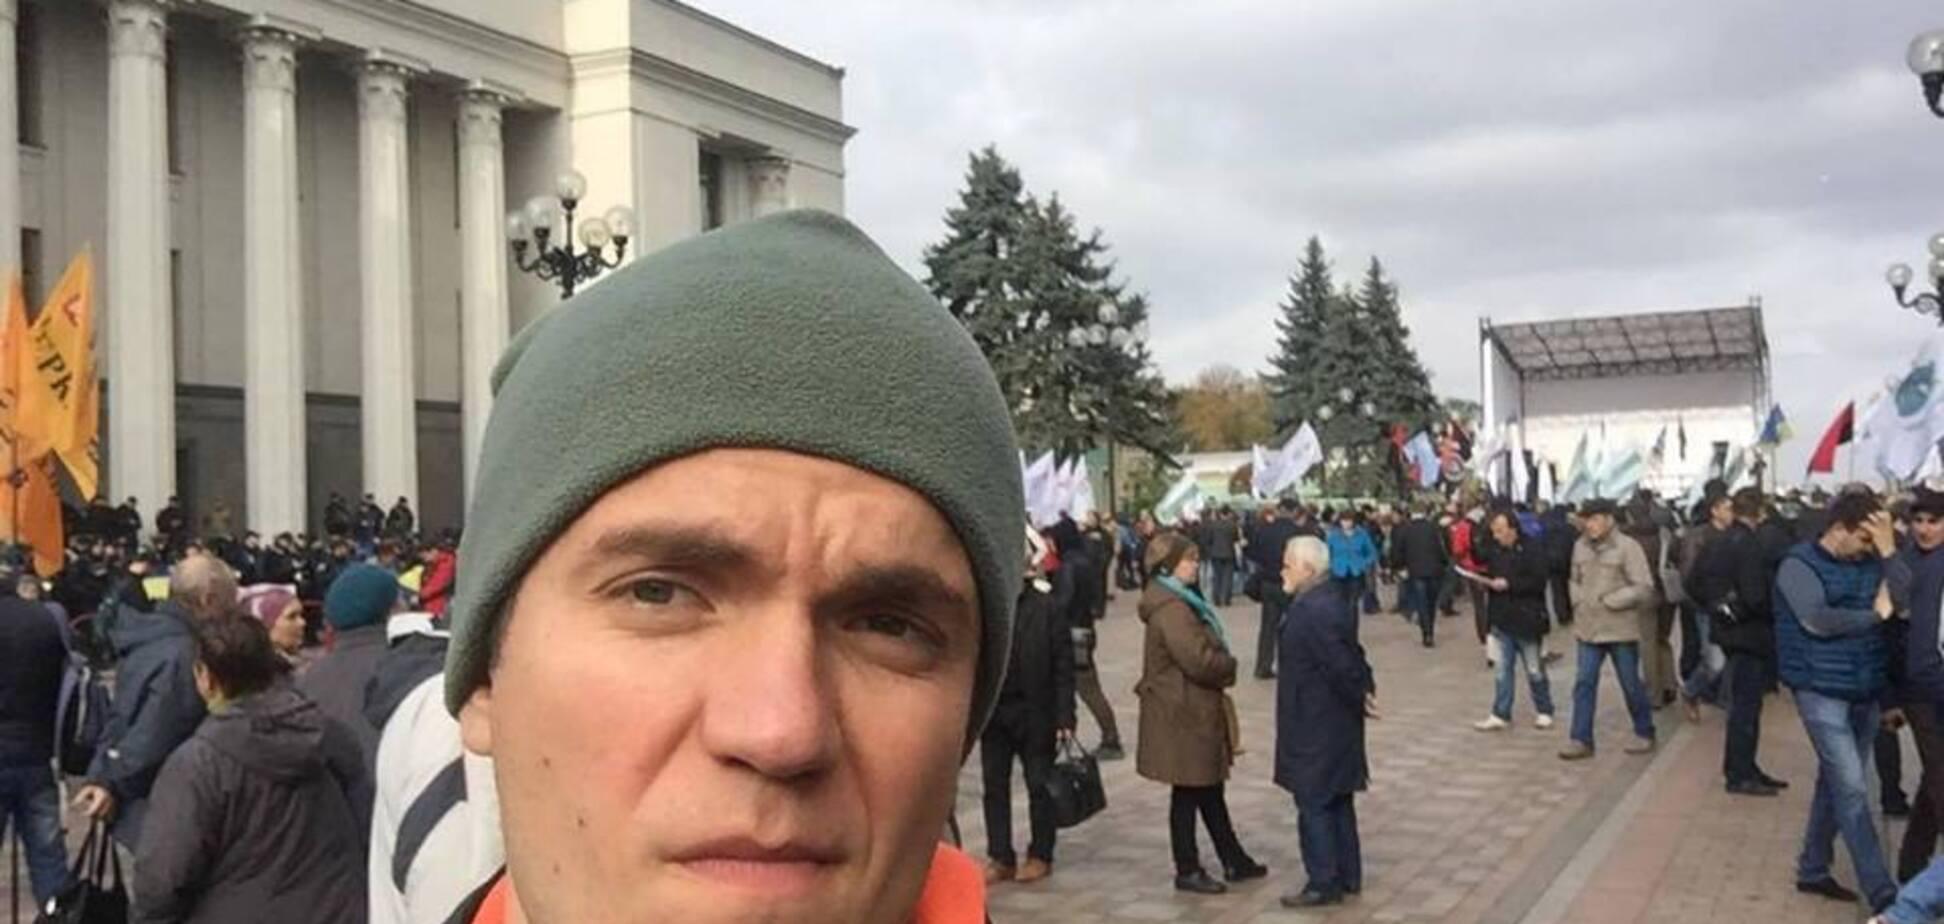 ''Колоннами по трое'': волонтер рассказал о хитрых титушках на протесте в Киеве. Источник: Виталий Дейнега